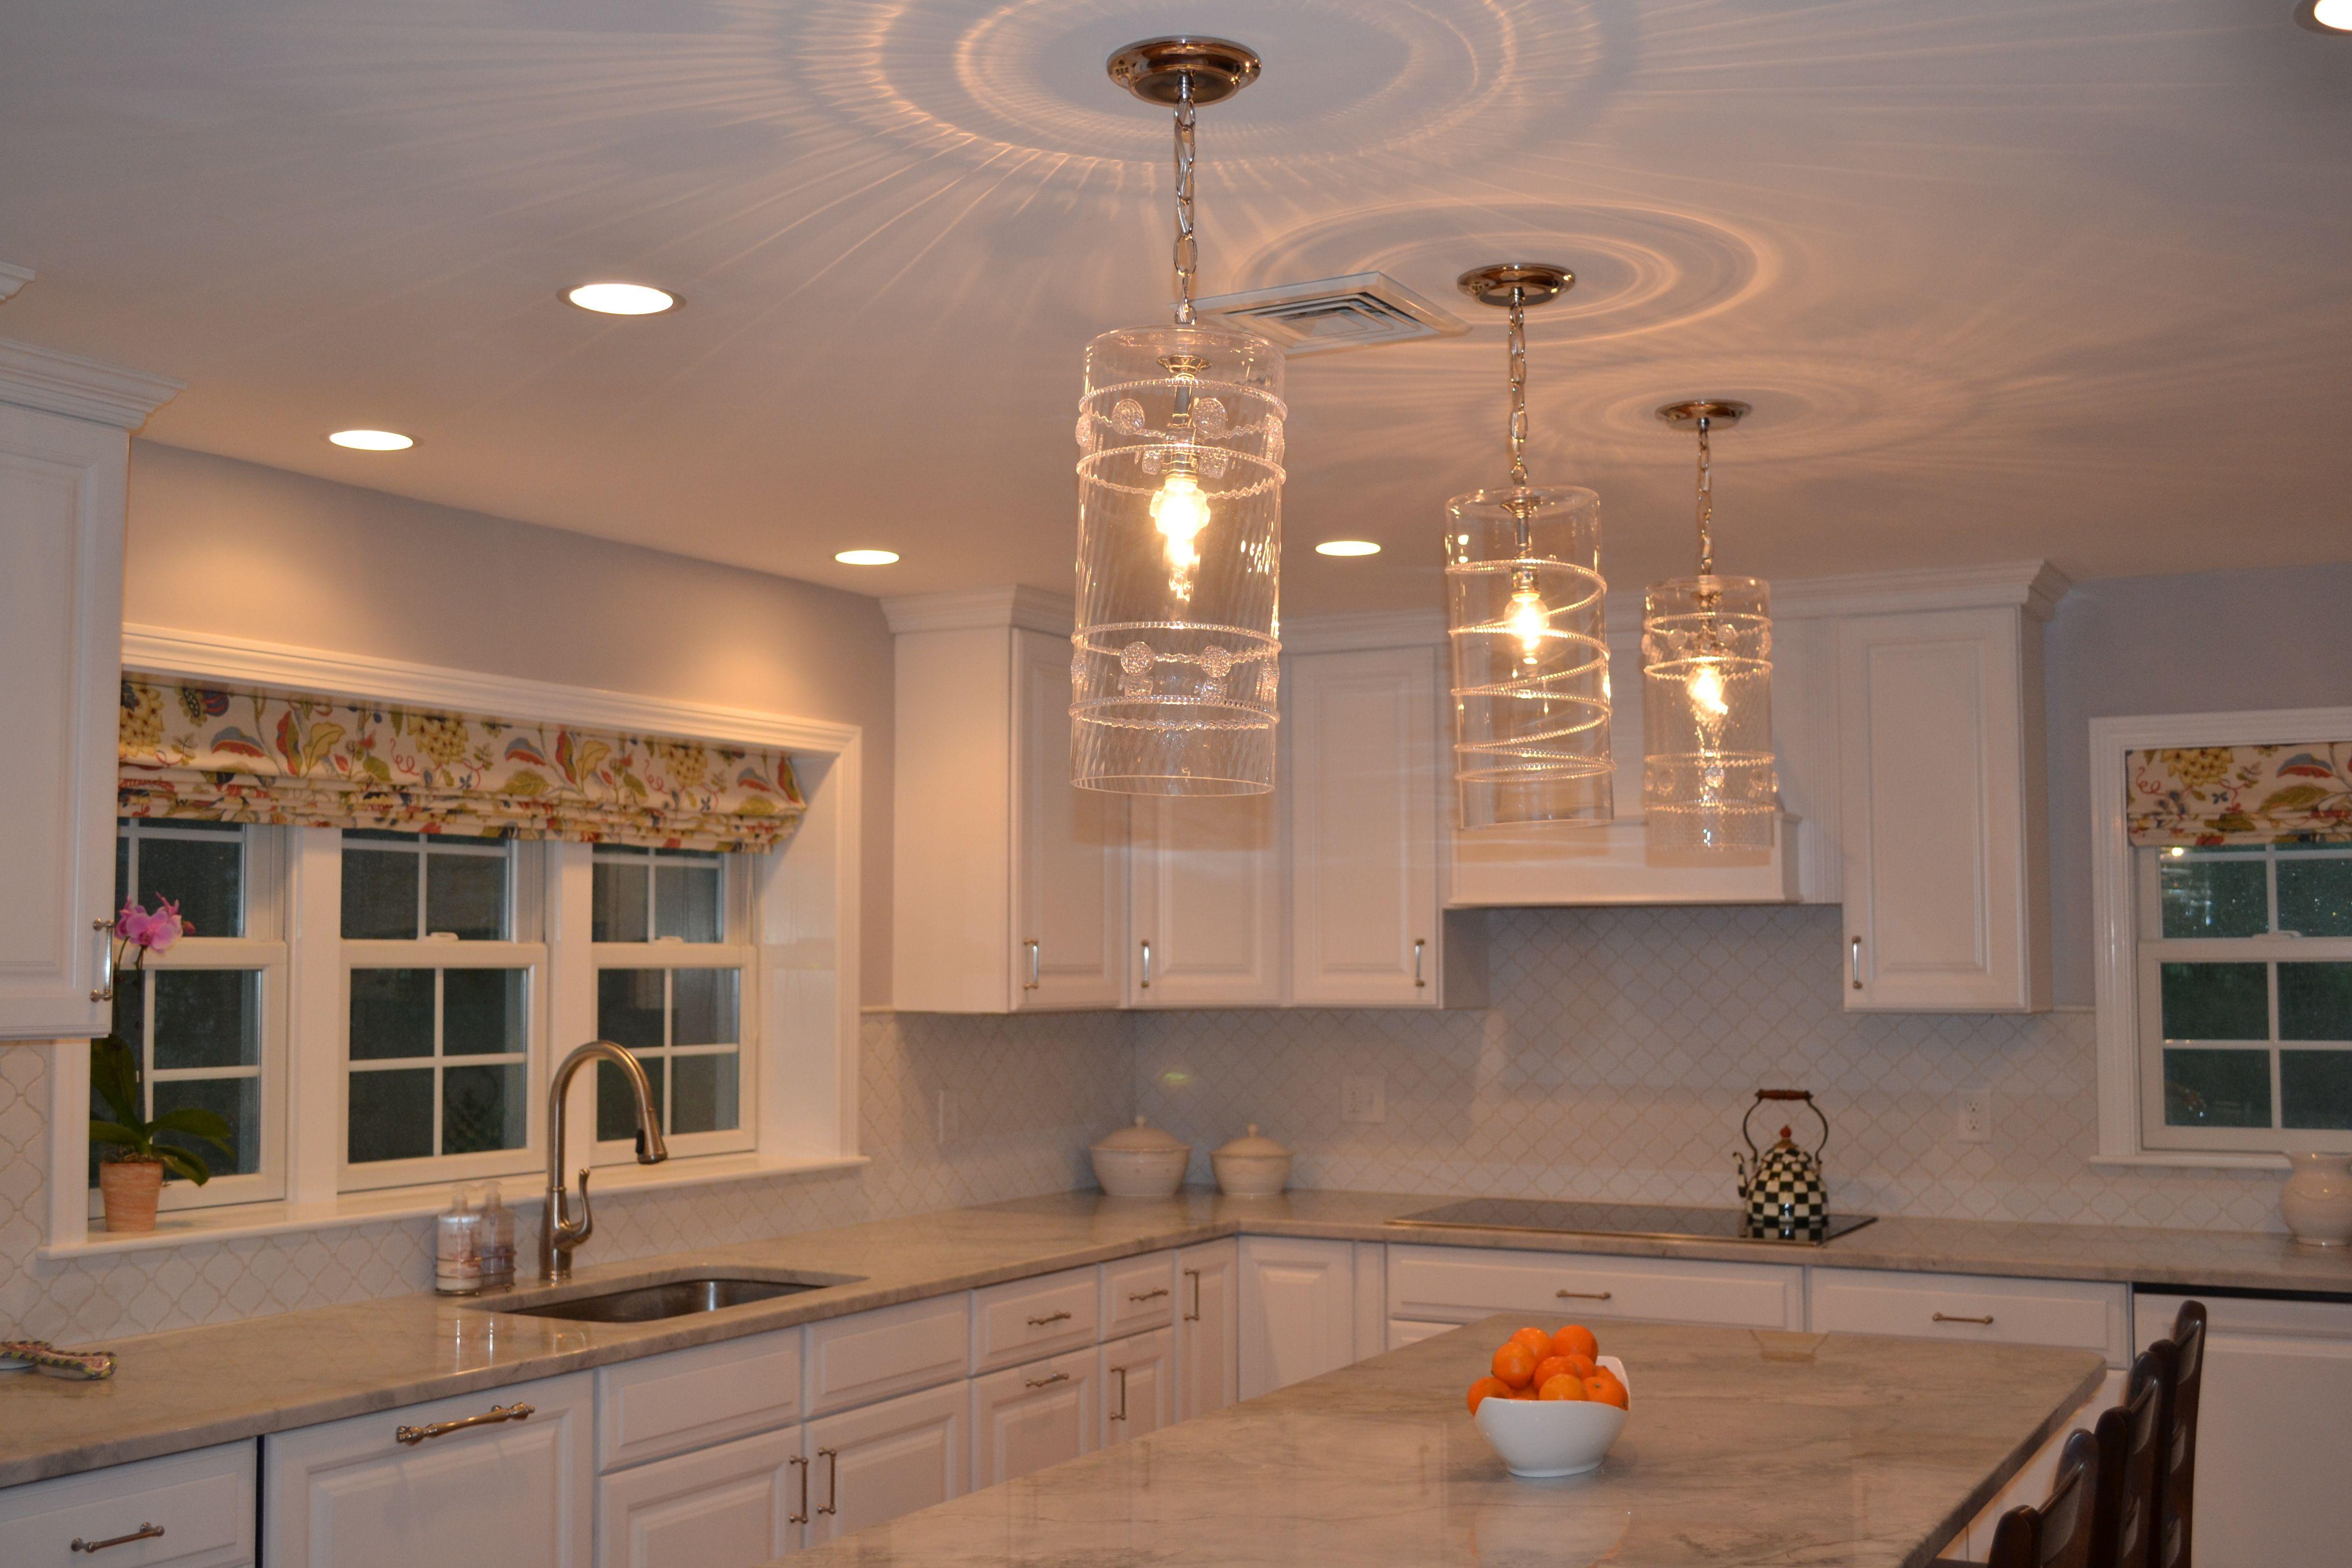 kitchen lights over table Juliska pendant lights over island